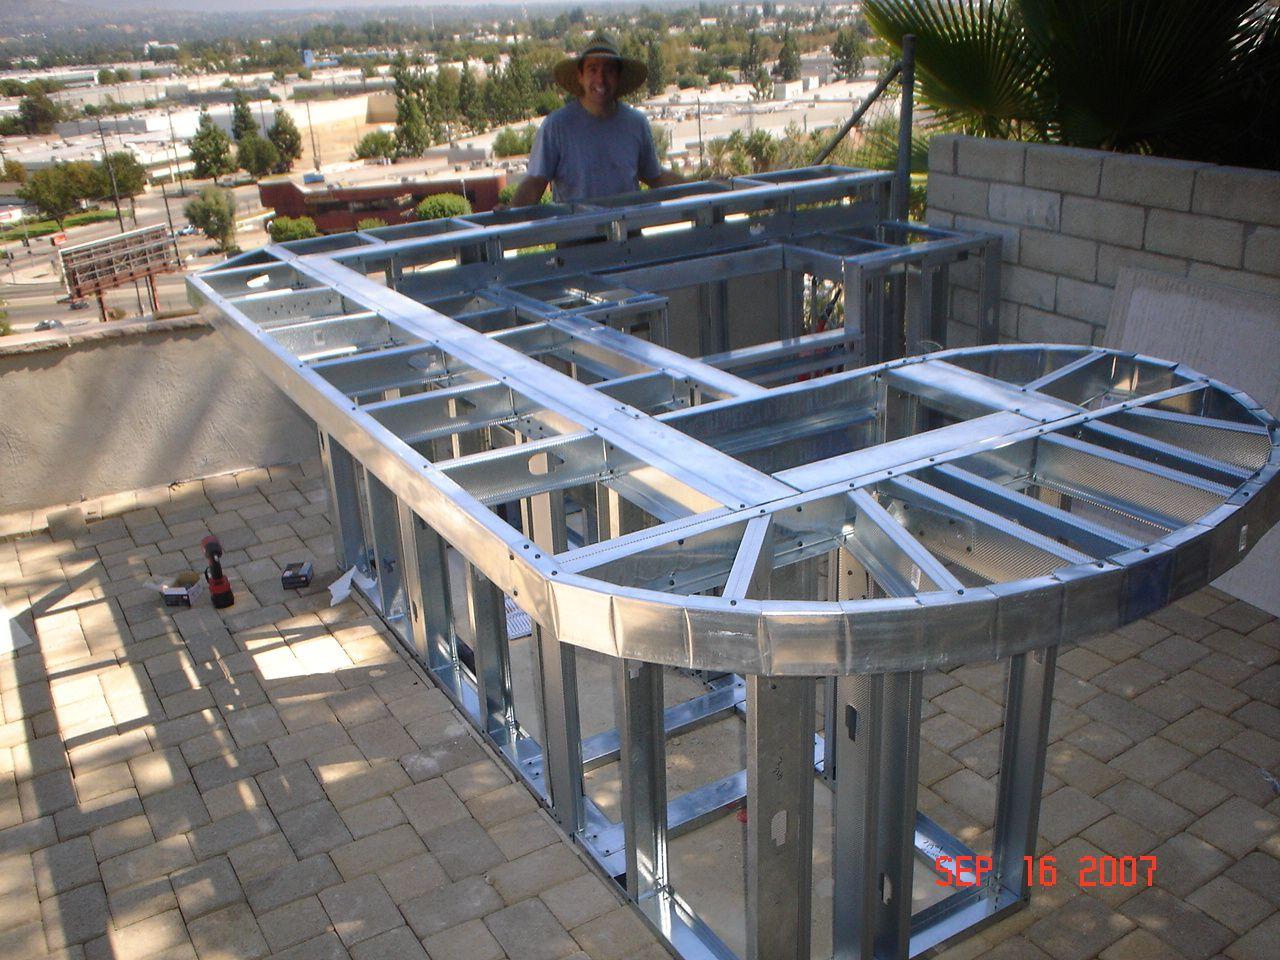 outdoor kitchen design | how to build outdoor kitchens - kitchen